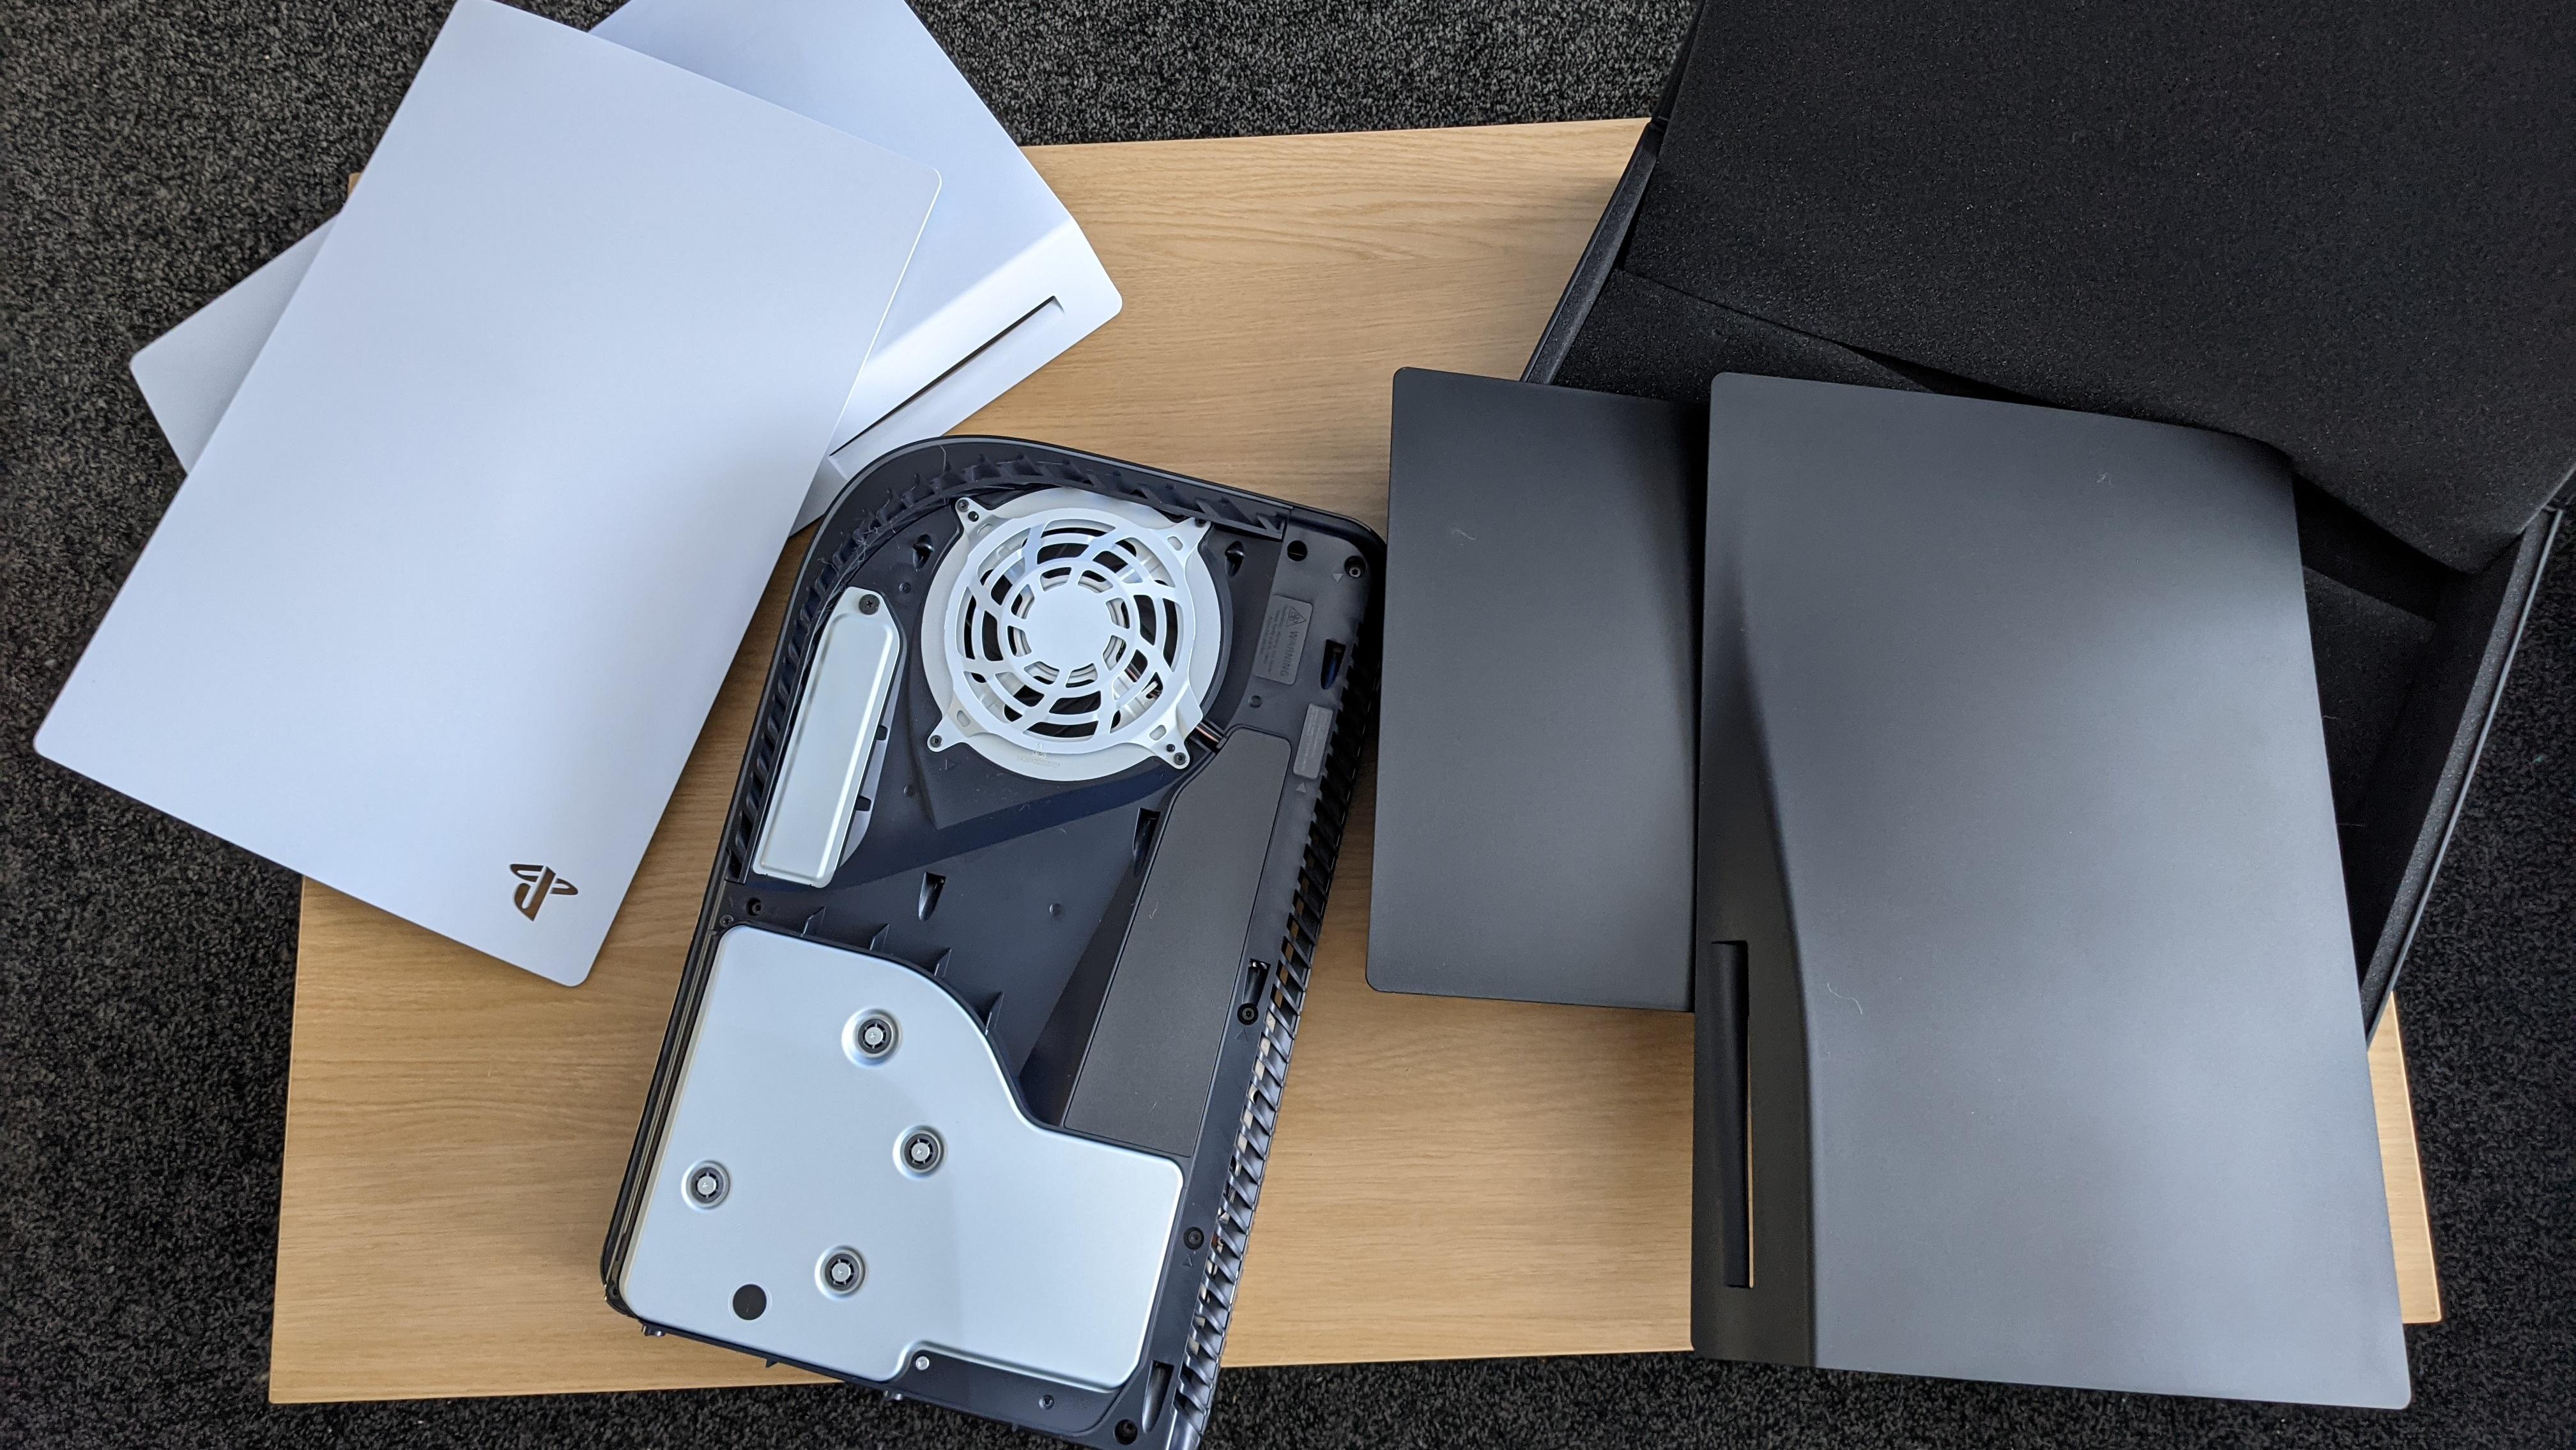 PS5 Darkplates